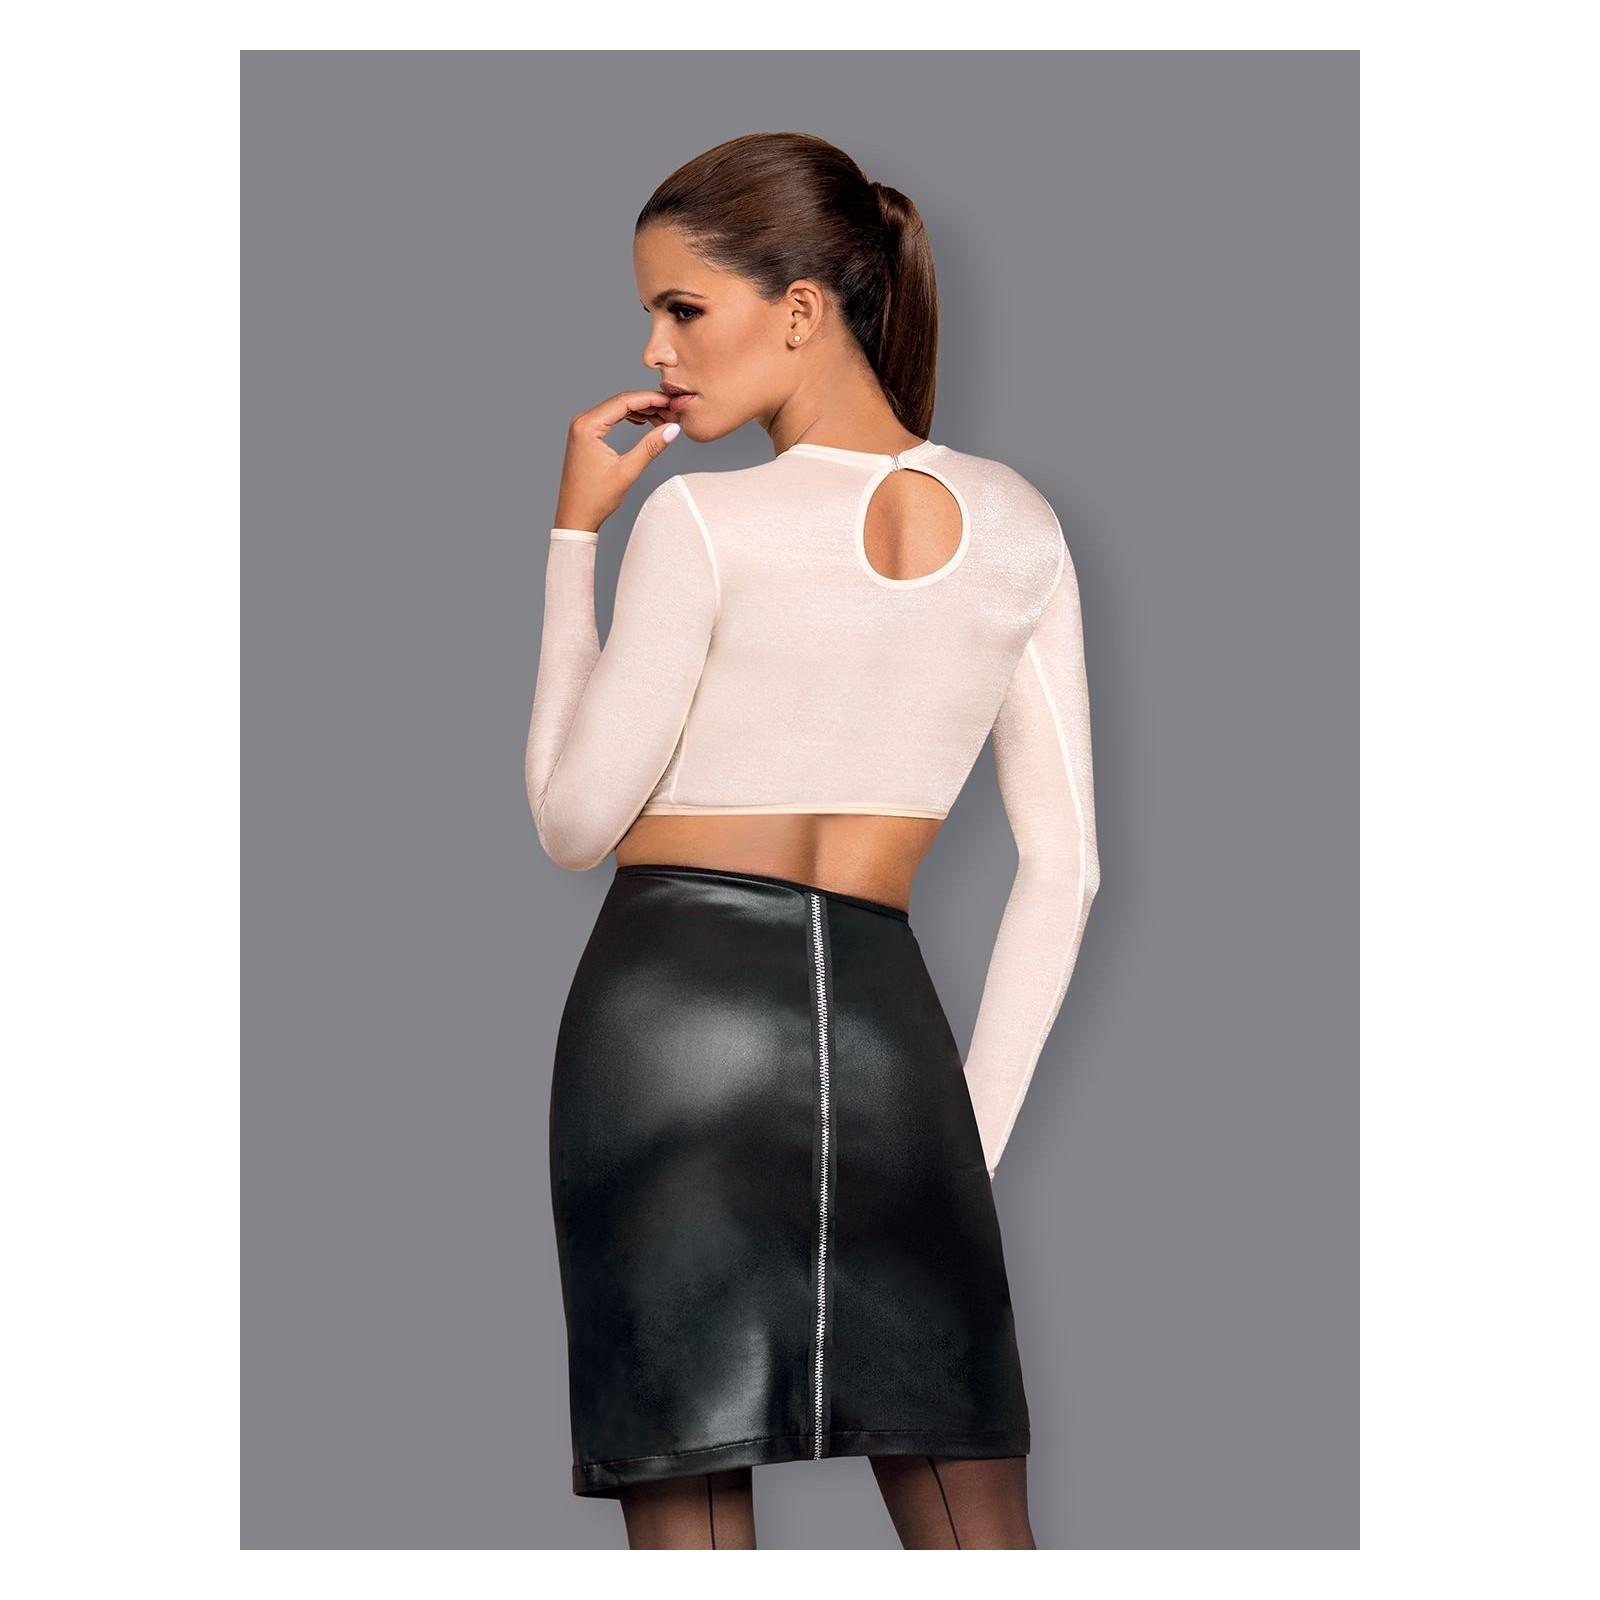 Bossy Outfit - 2 - Vorschaubild